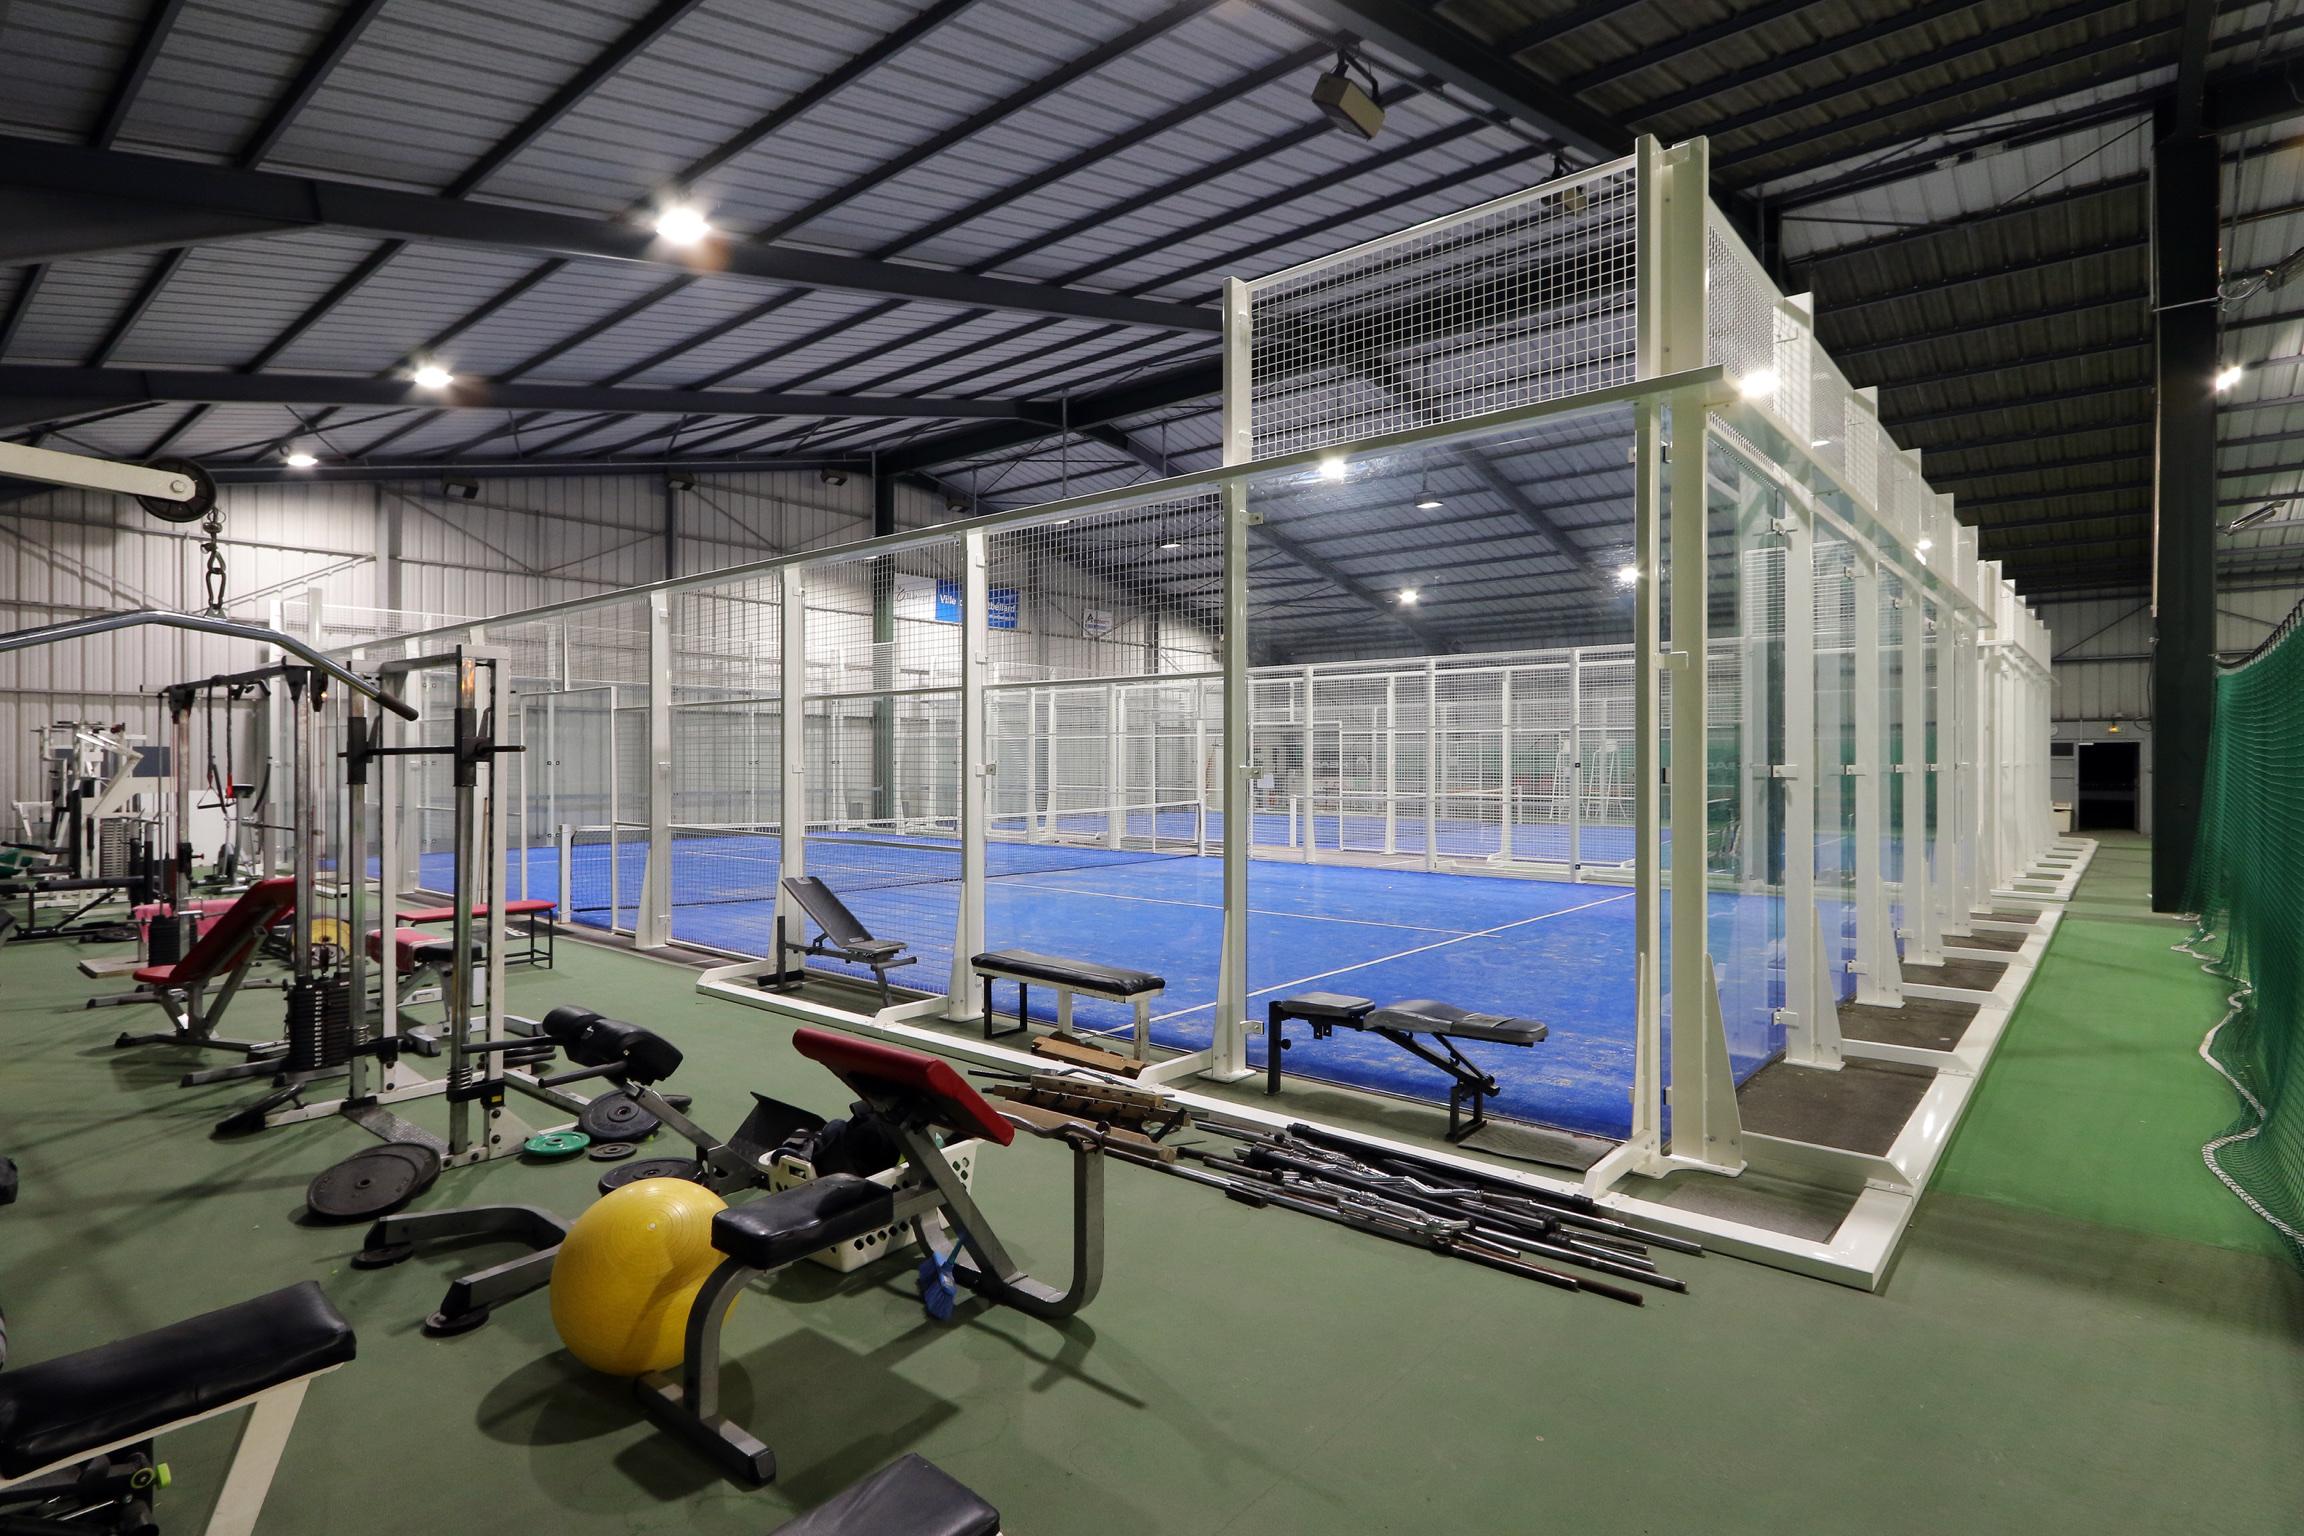 monbéliard-padel-indoor